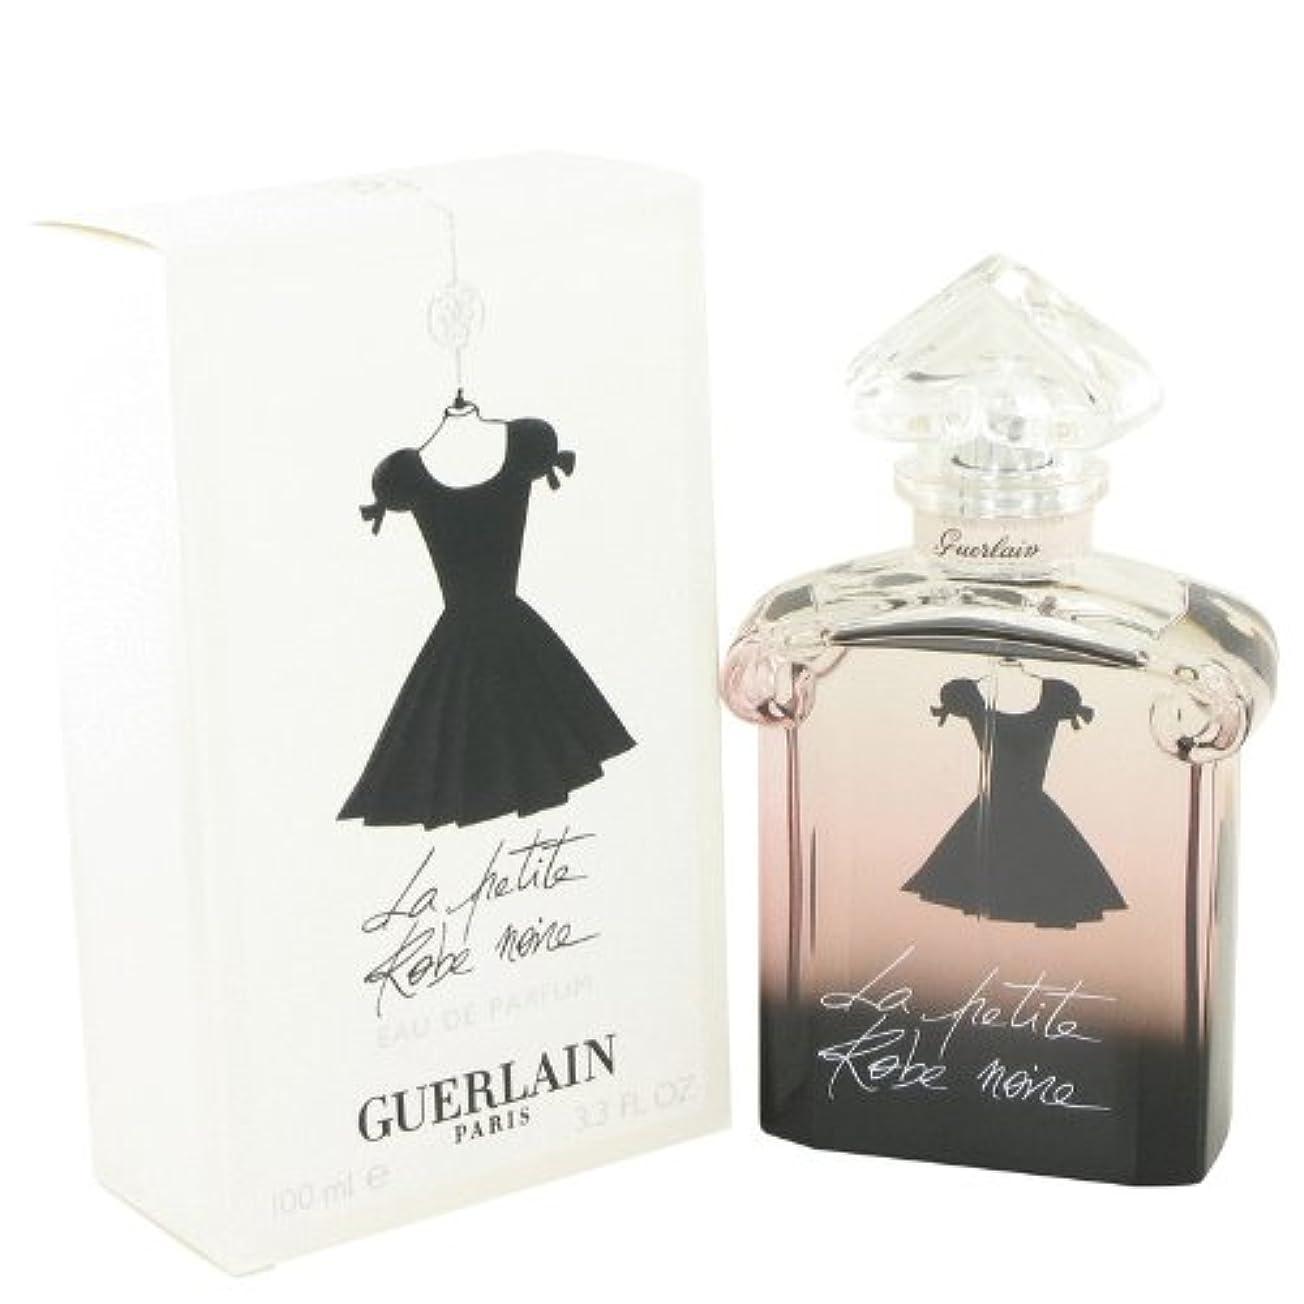 評判トンネル誘うLa Petite Robe Noire (ラ プティ ローブ ノアー) 6.7 oz (200ml) Body Milk by Guerlain for Women